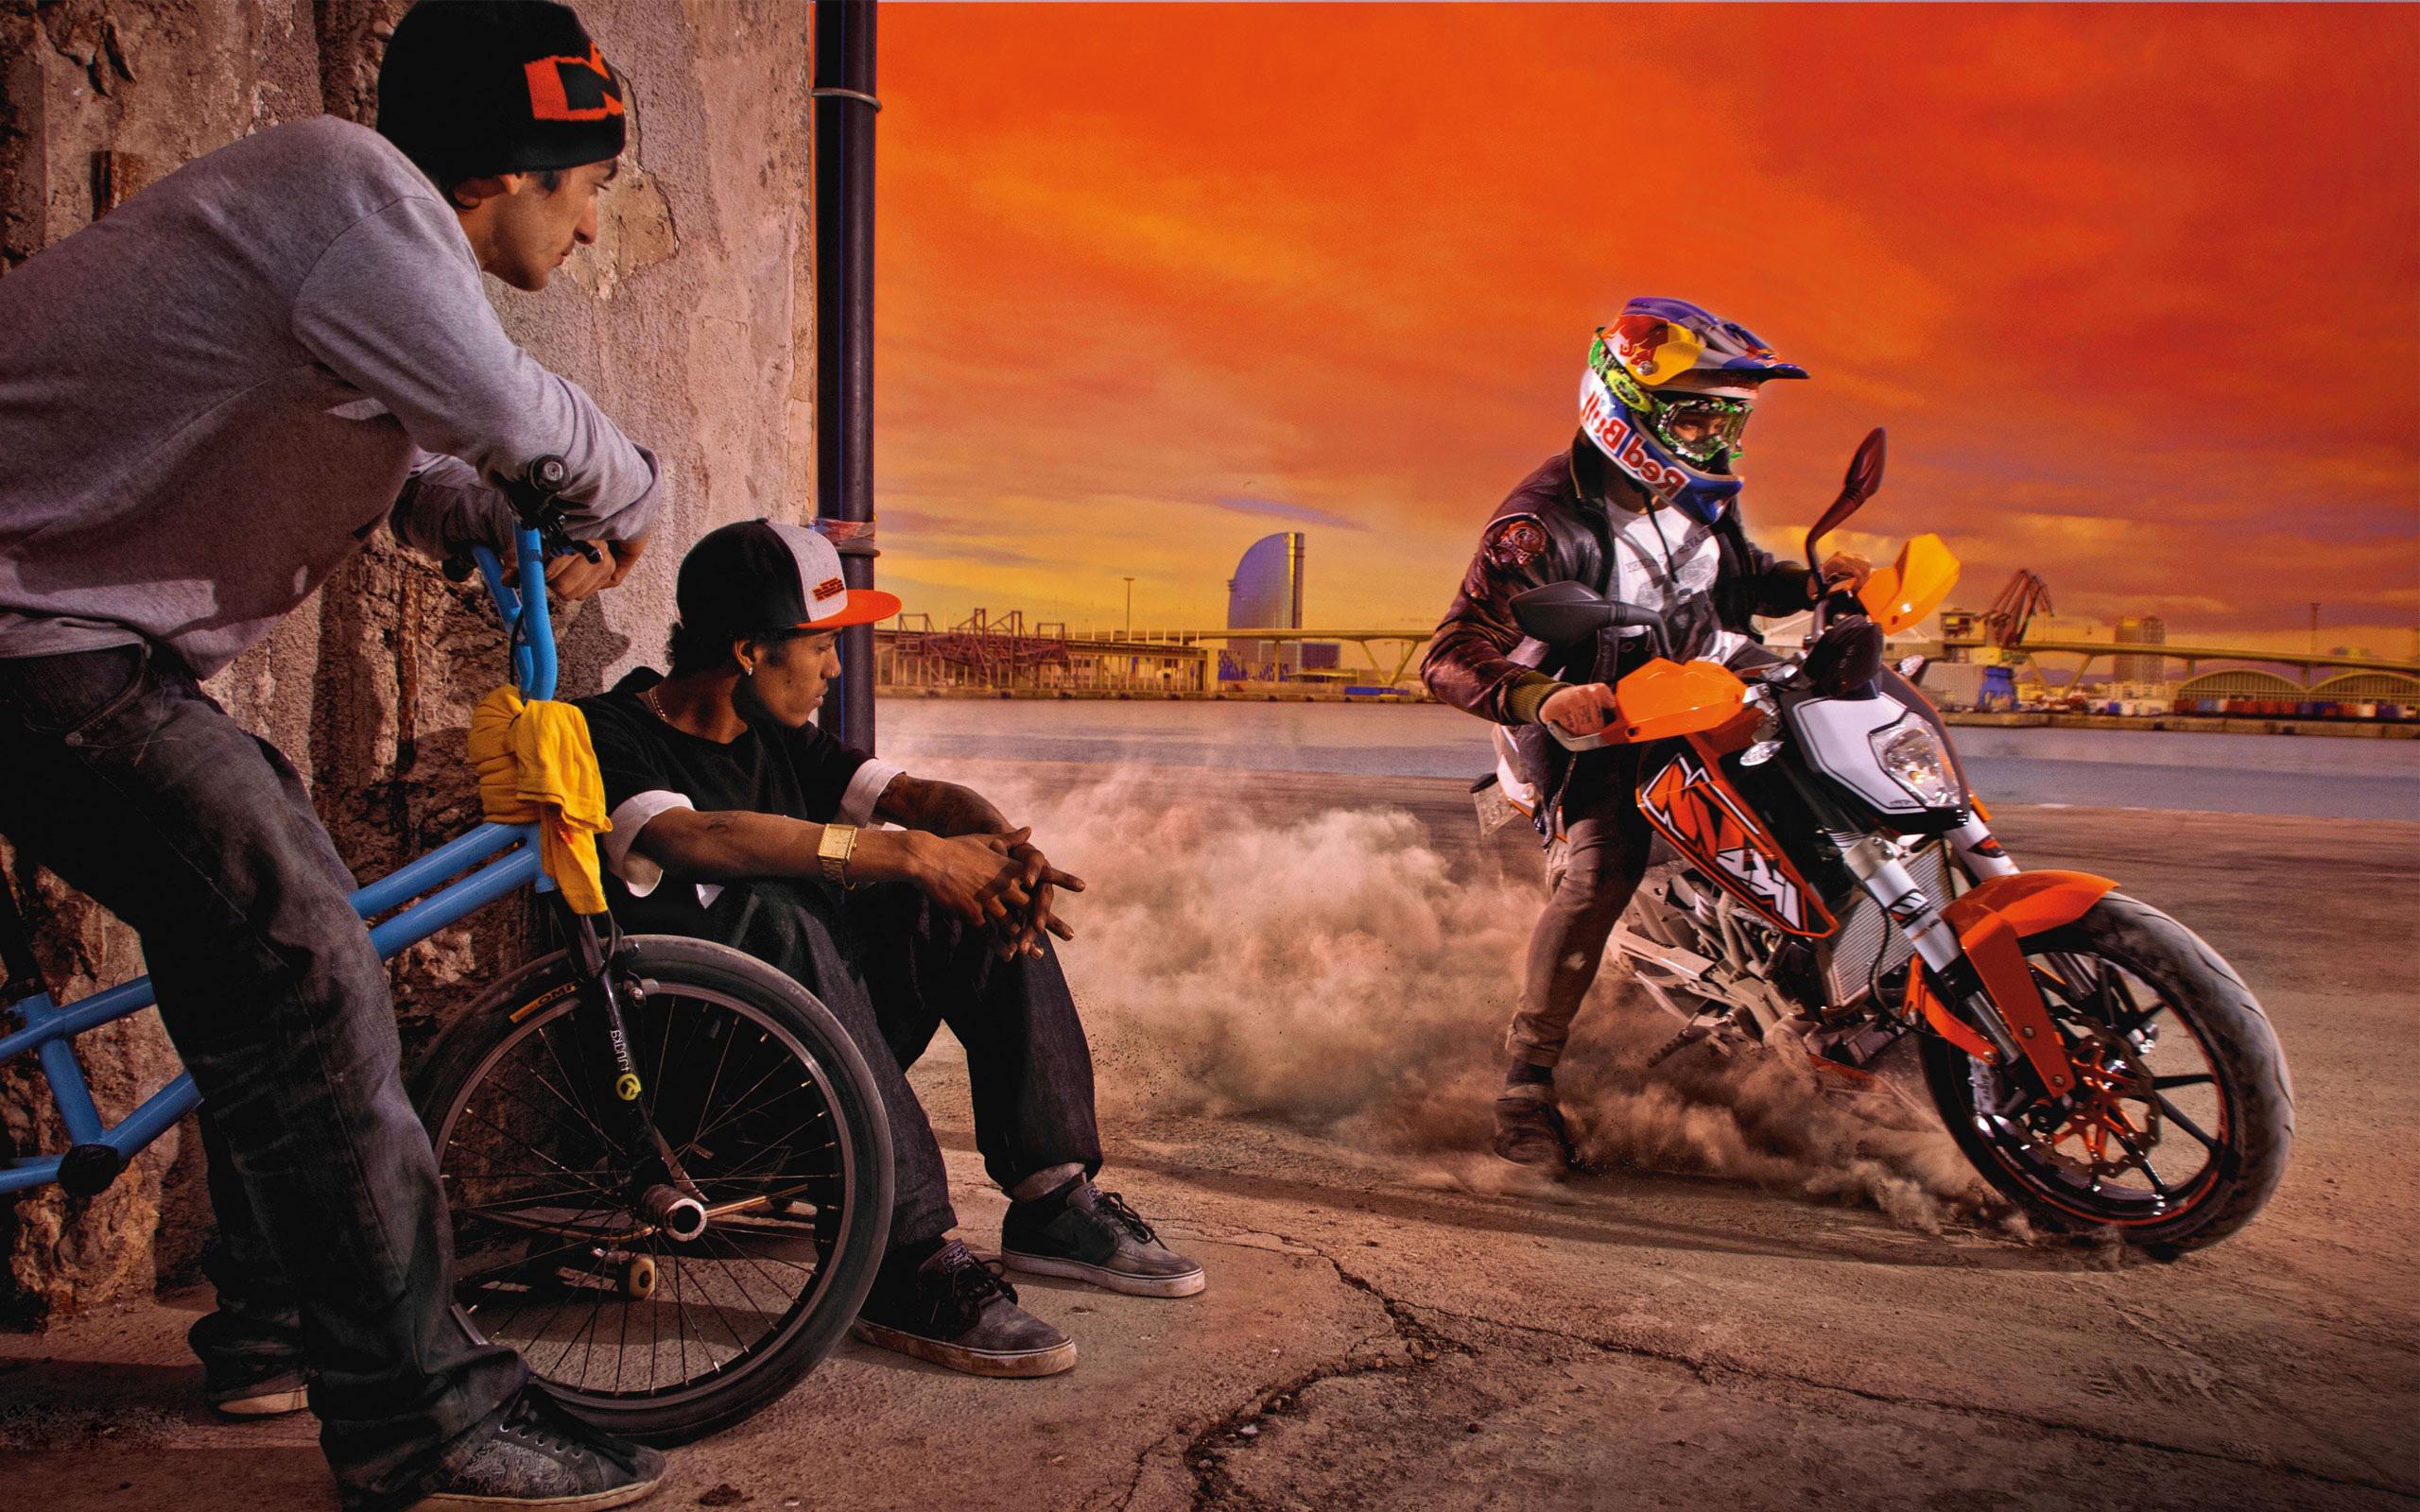 Bike Stunt Hd Wallpaper For Mobile Free Hd Dirt Bike Wallpapers Pixelstalk Net